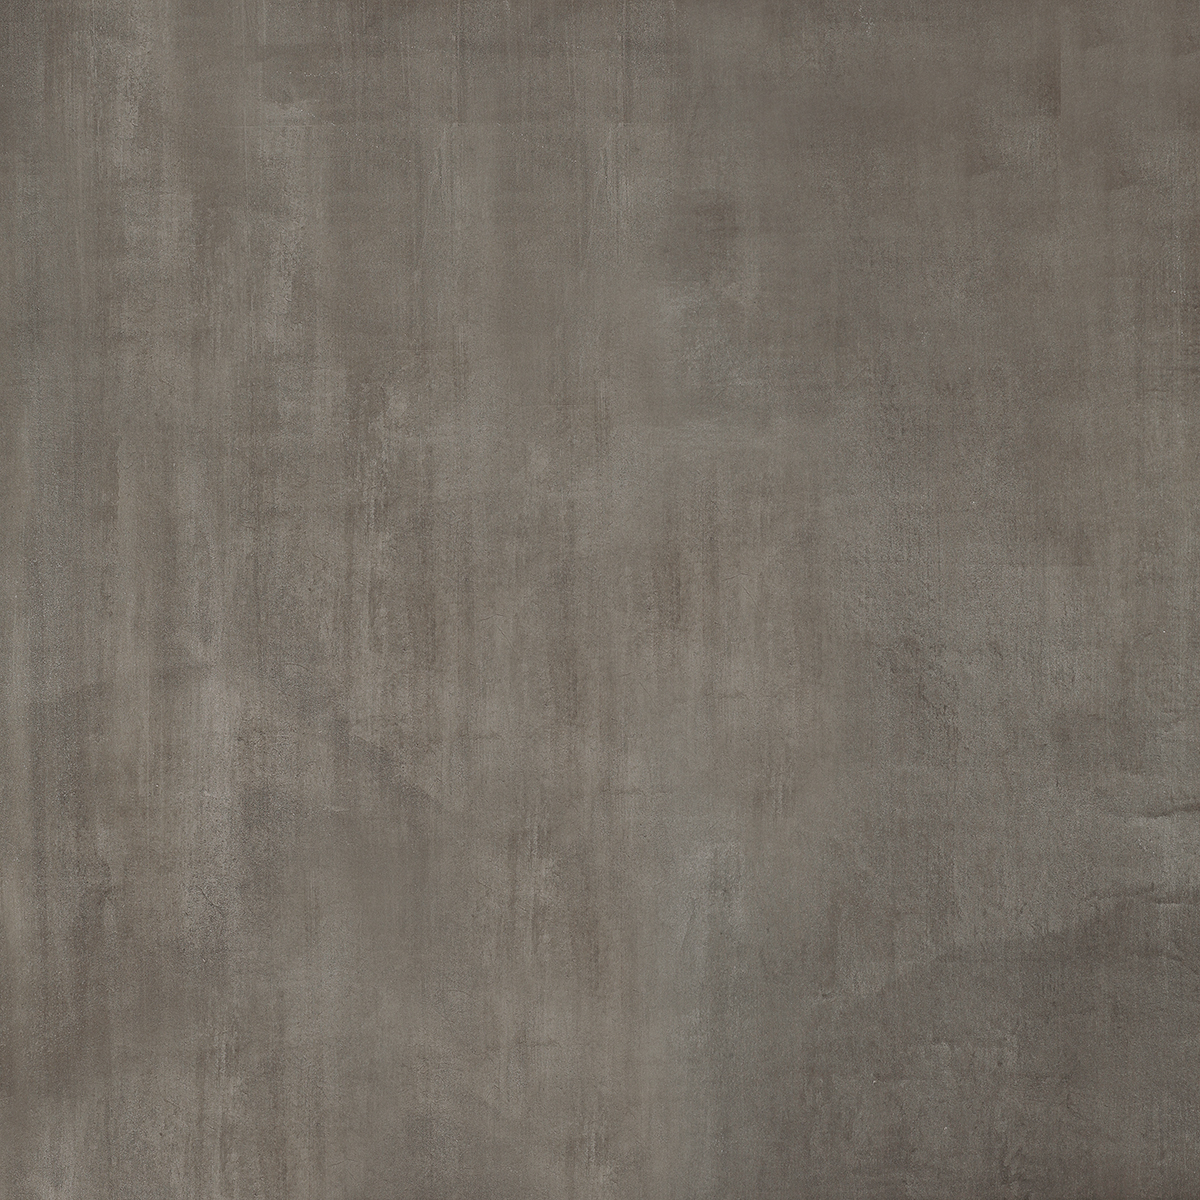 Delconca HFO Forma Dark Gray